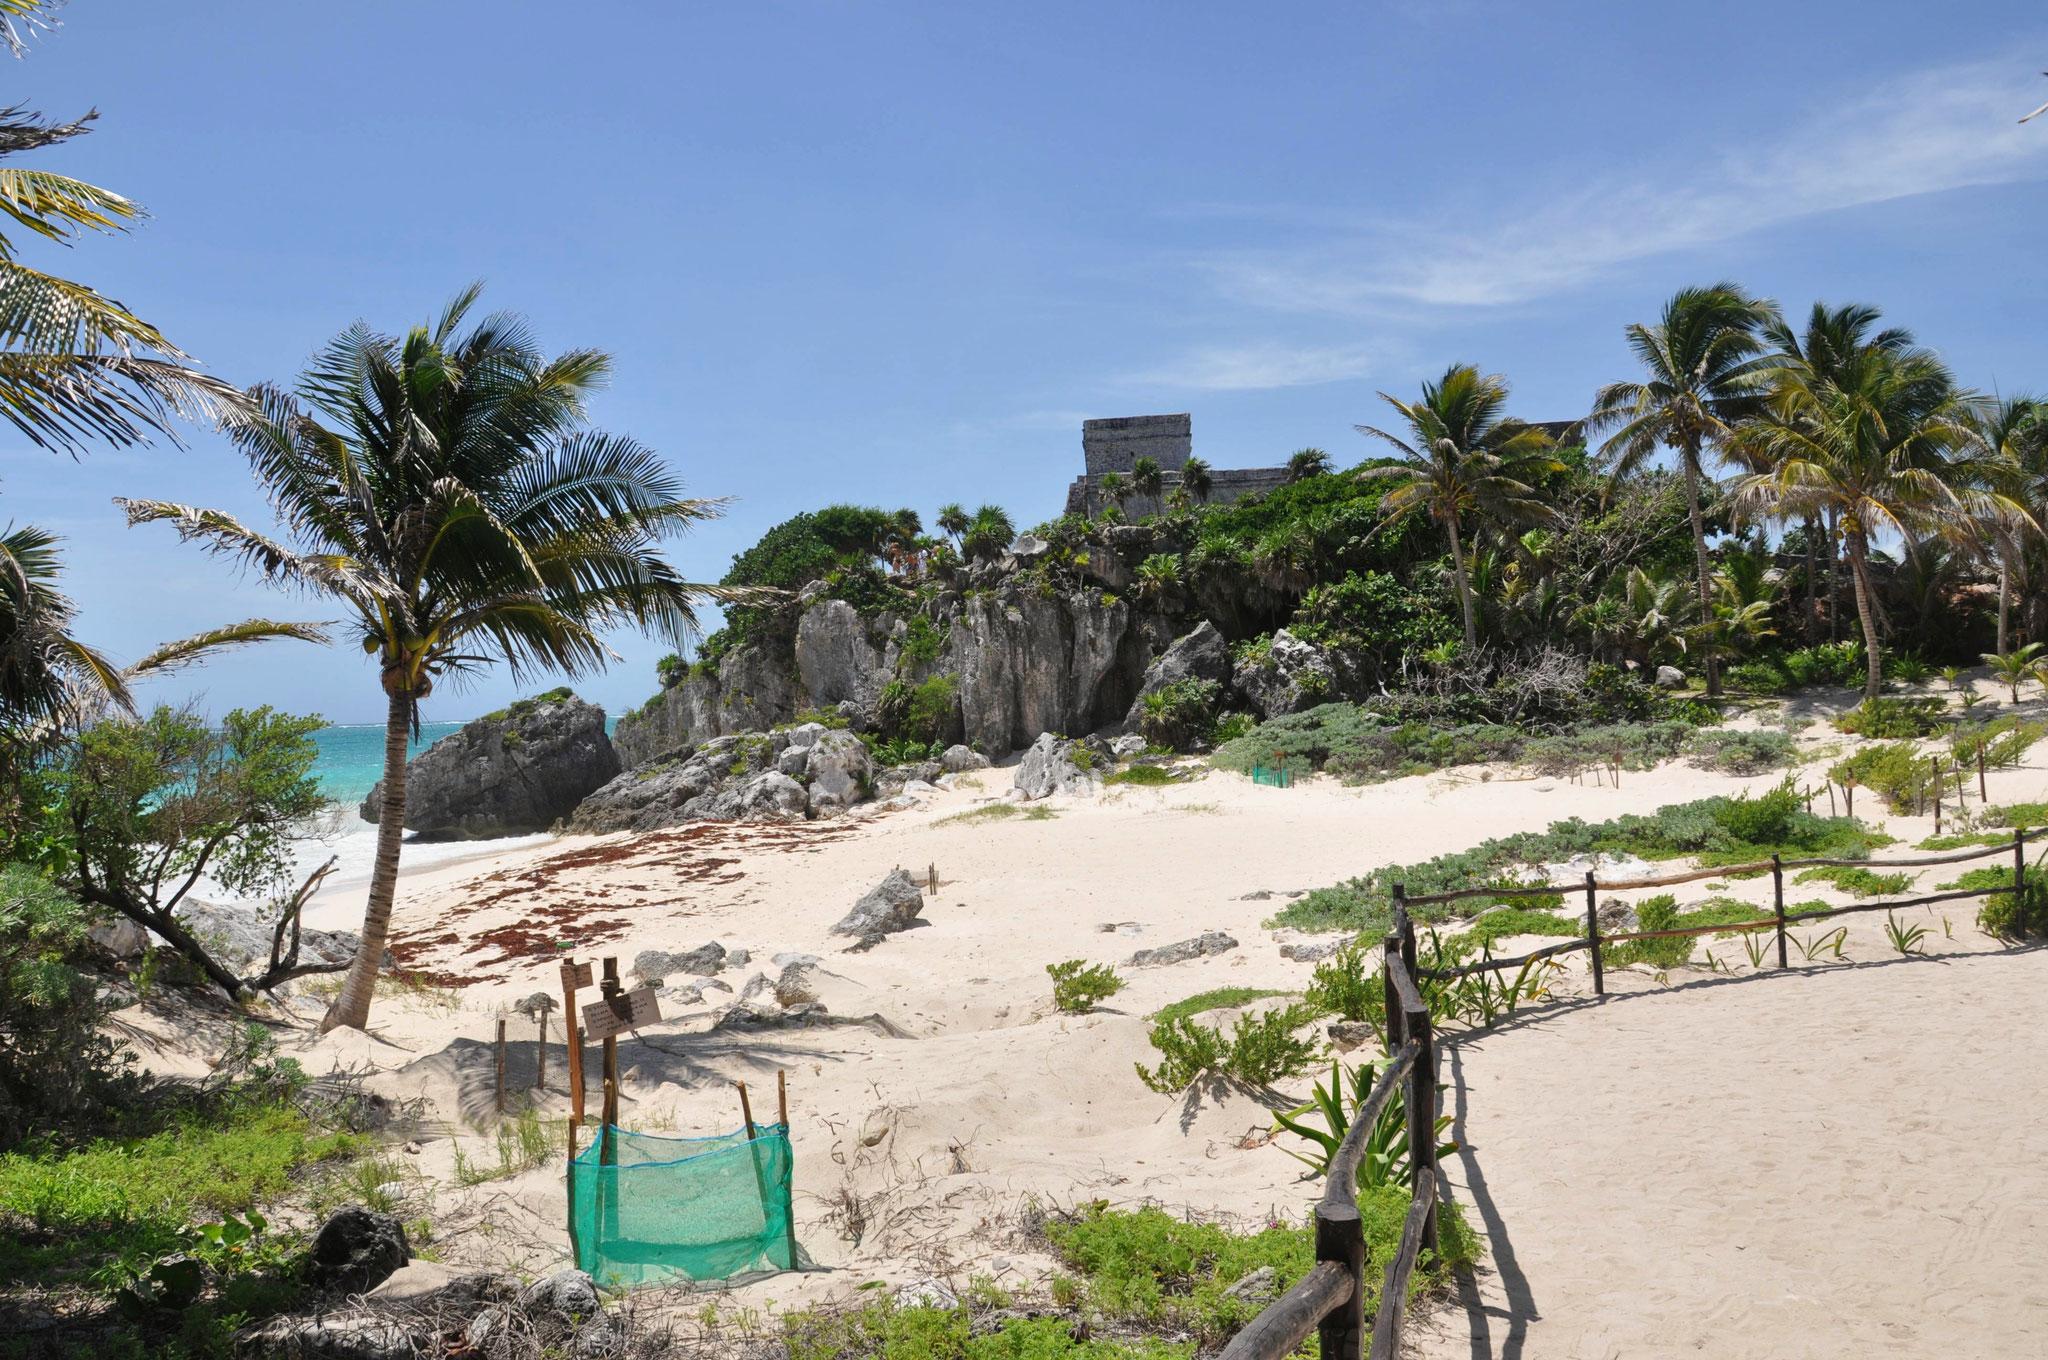 Karibik Reise Tulum Mexiko